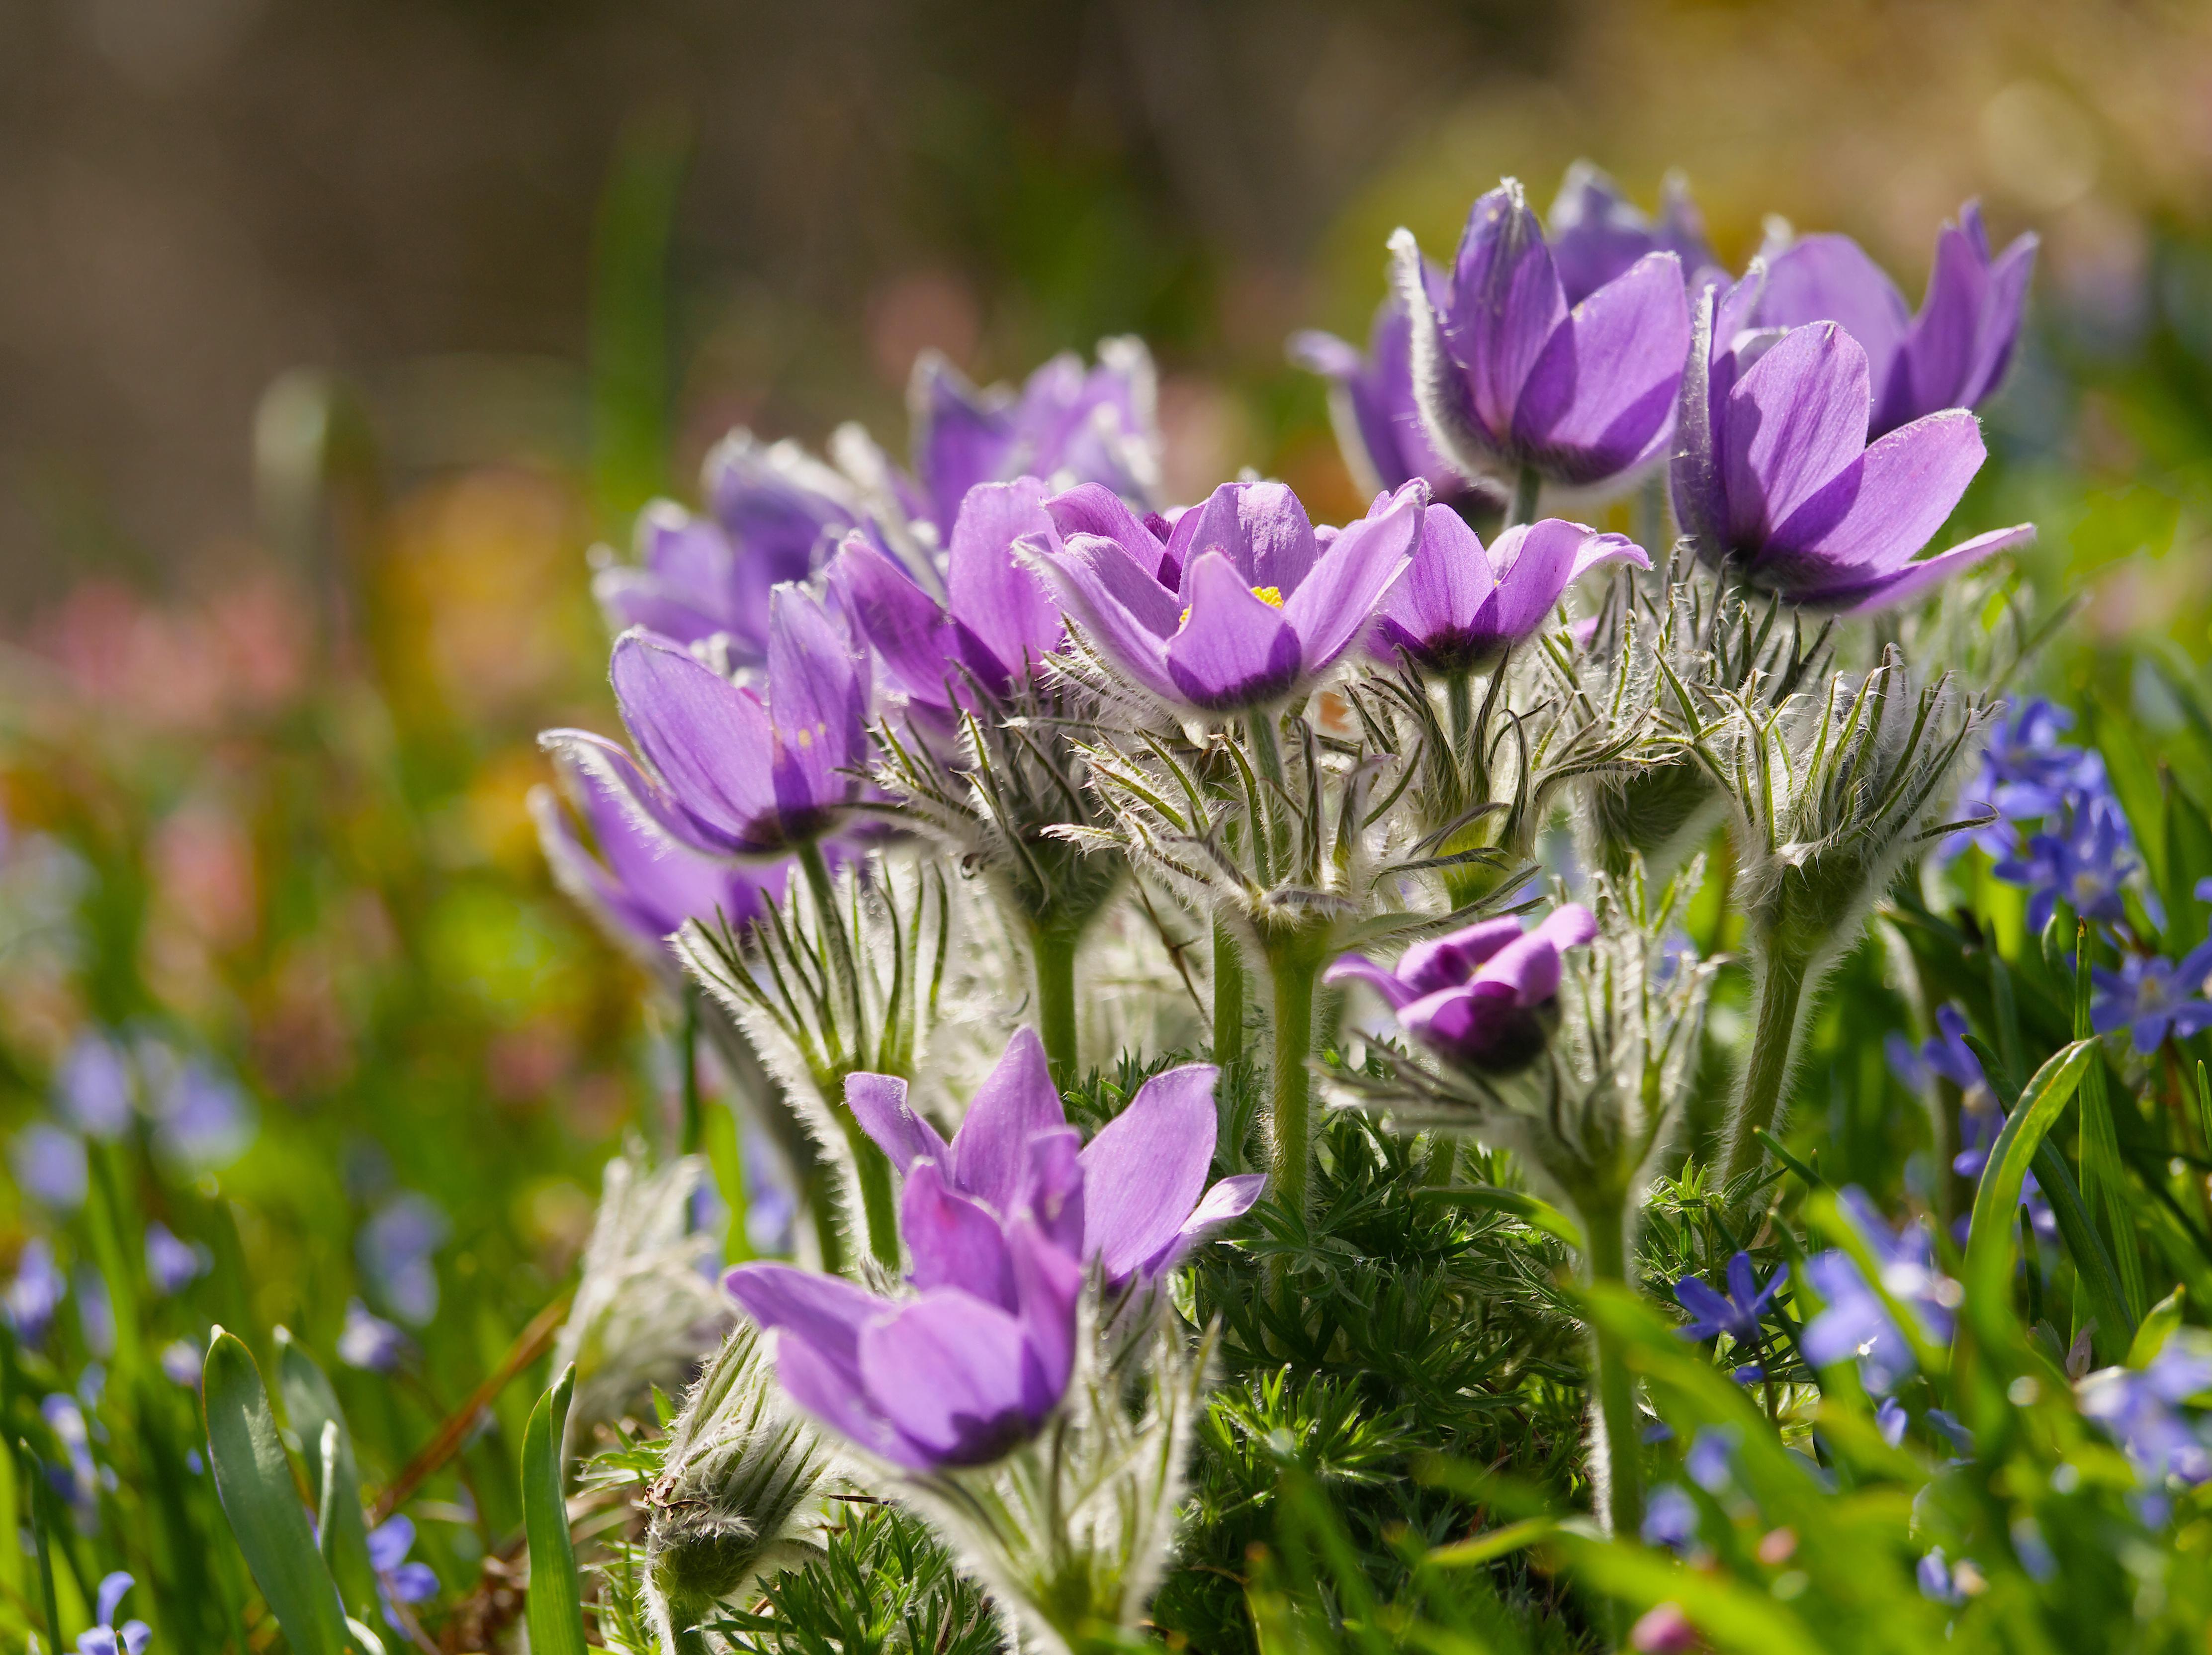 Обои сон великий, первоцвет, Весна, цветок. Цветы foto 16